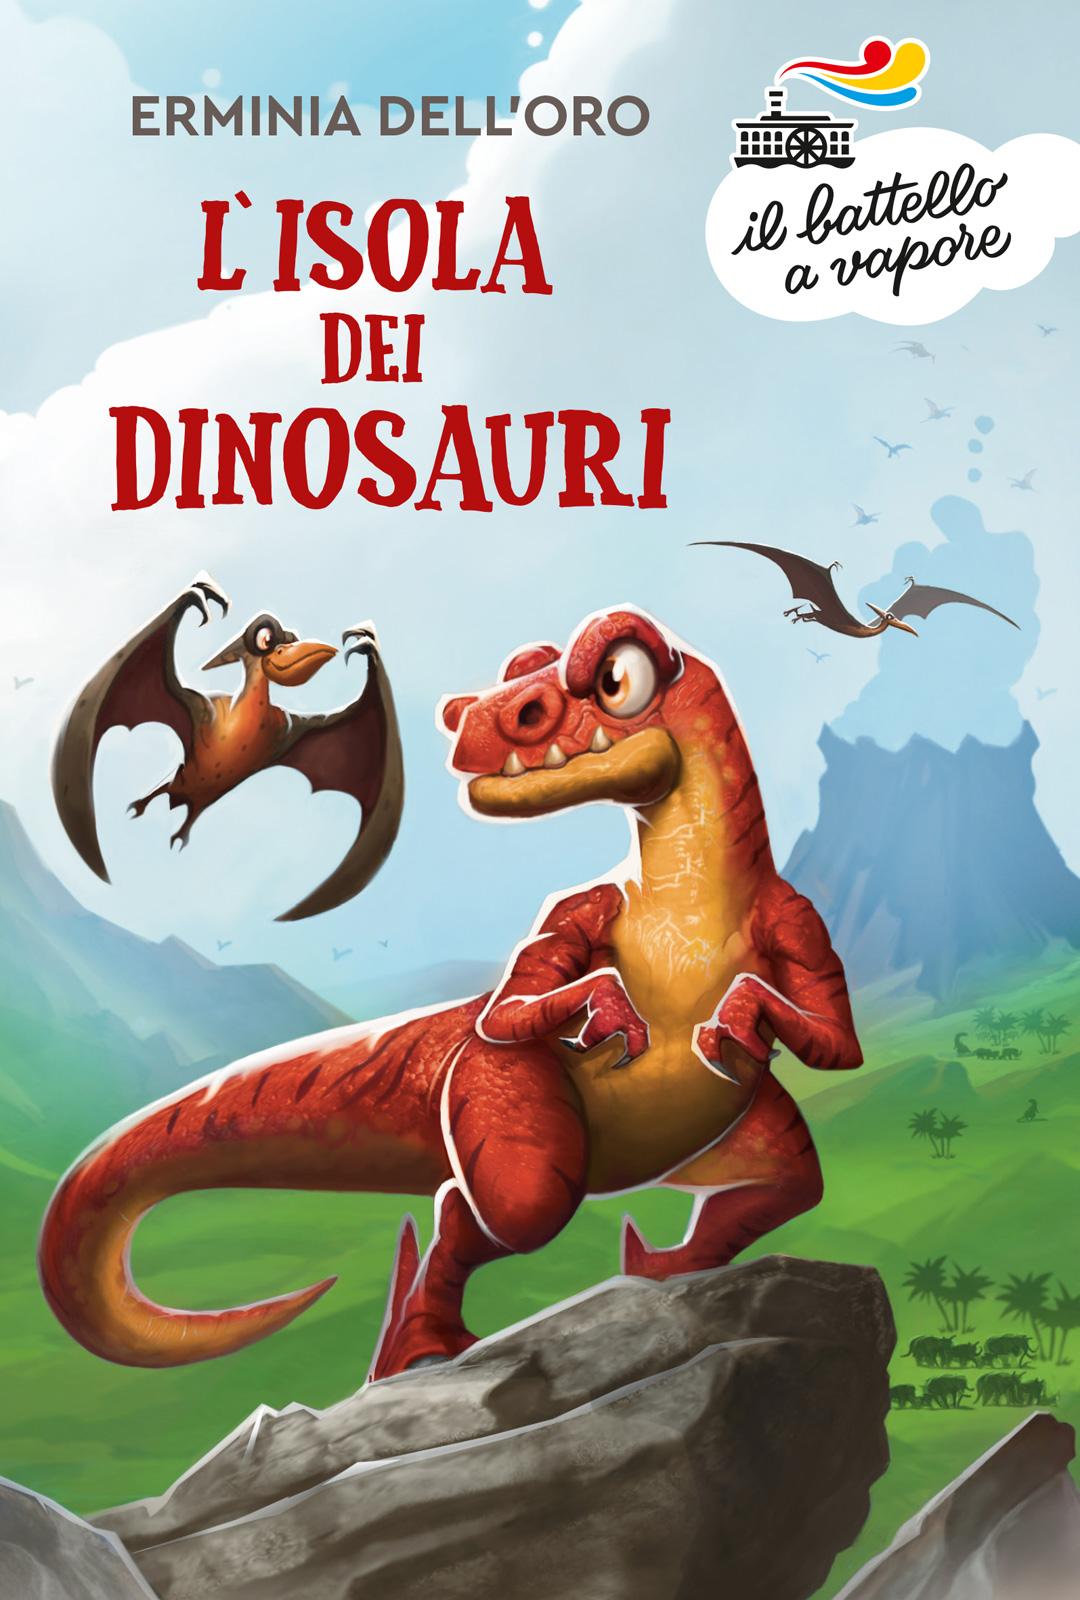 L'isola dei dinosauri, Erminia dell'Oro, Piemme, € 8.50, dai 7 anni